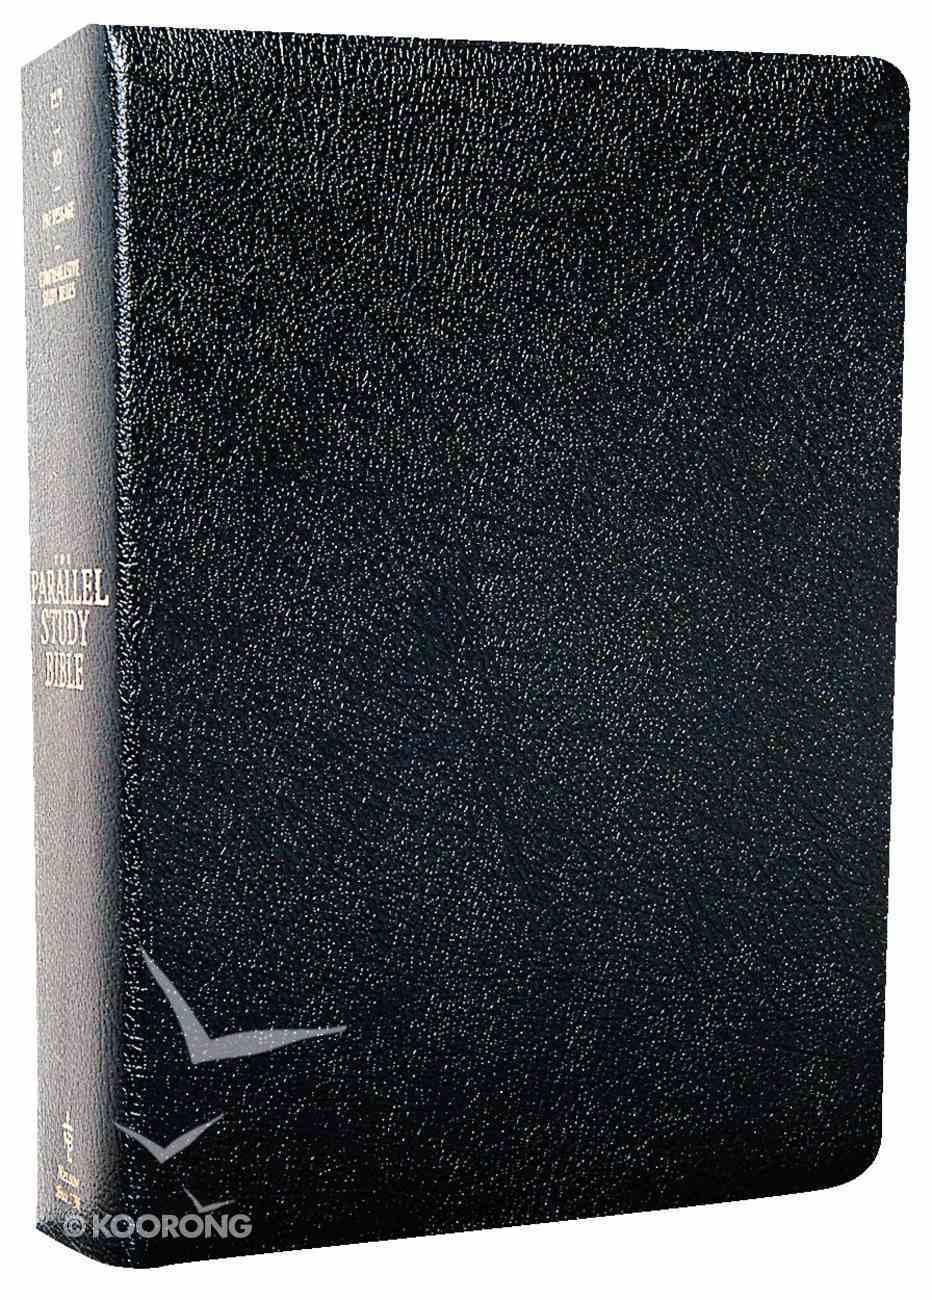 Nkjv/Ncv/Msg Parallel Study Bible Black Bonded Leather